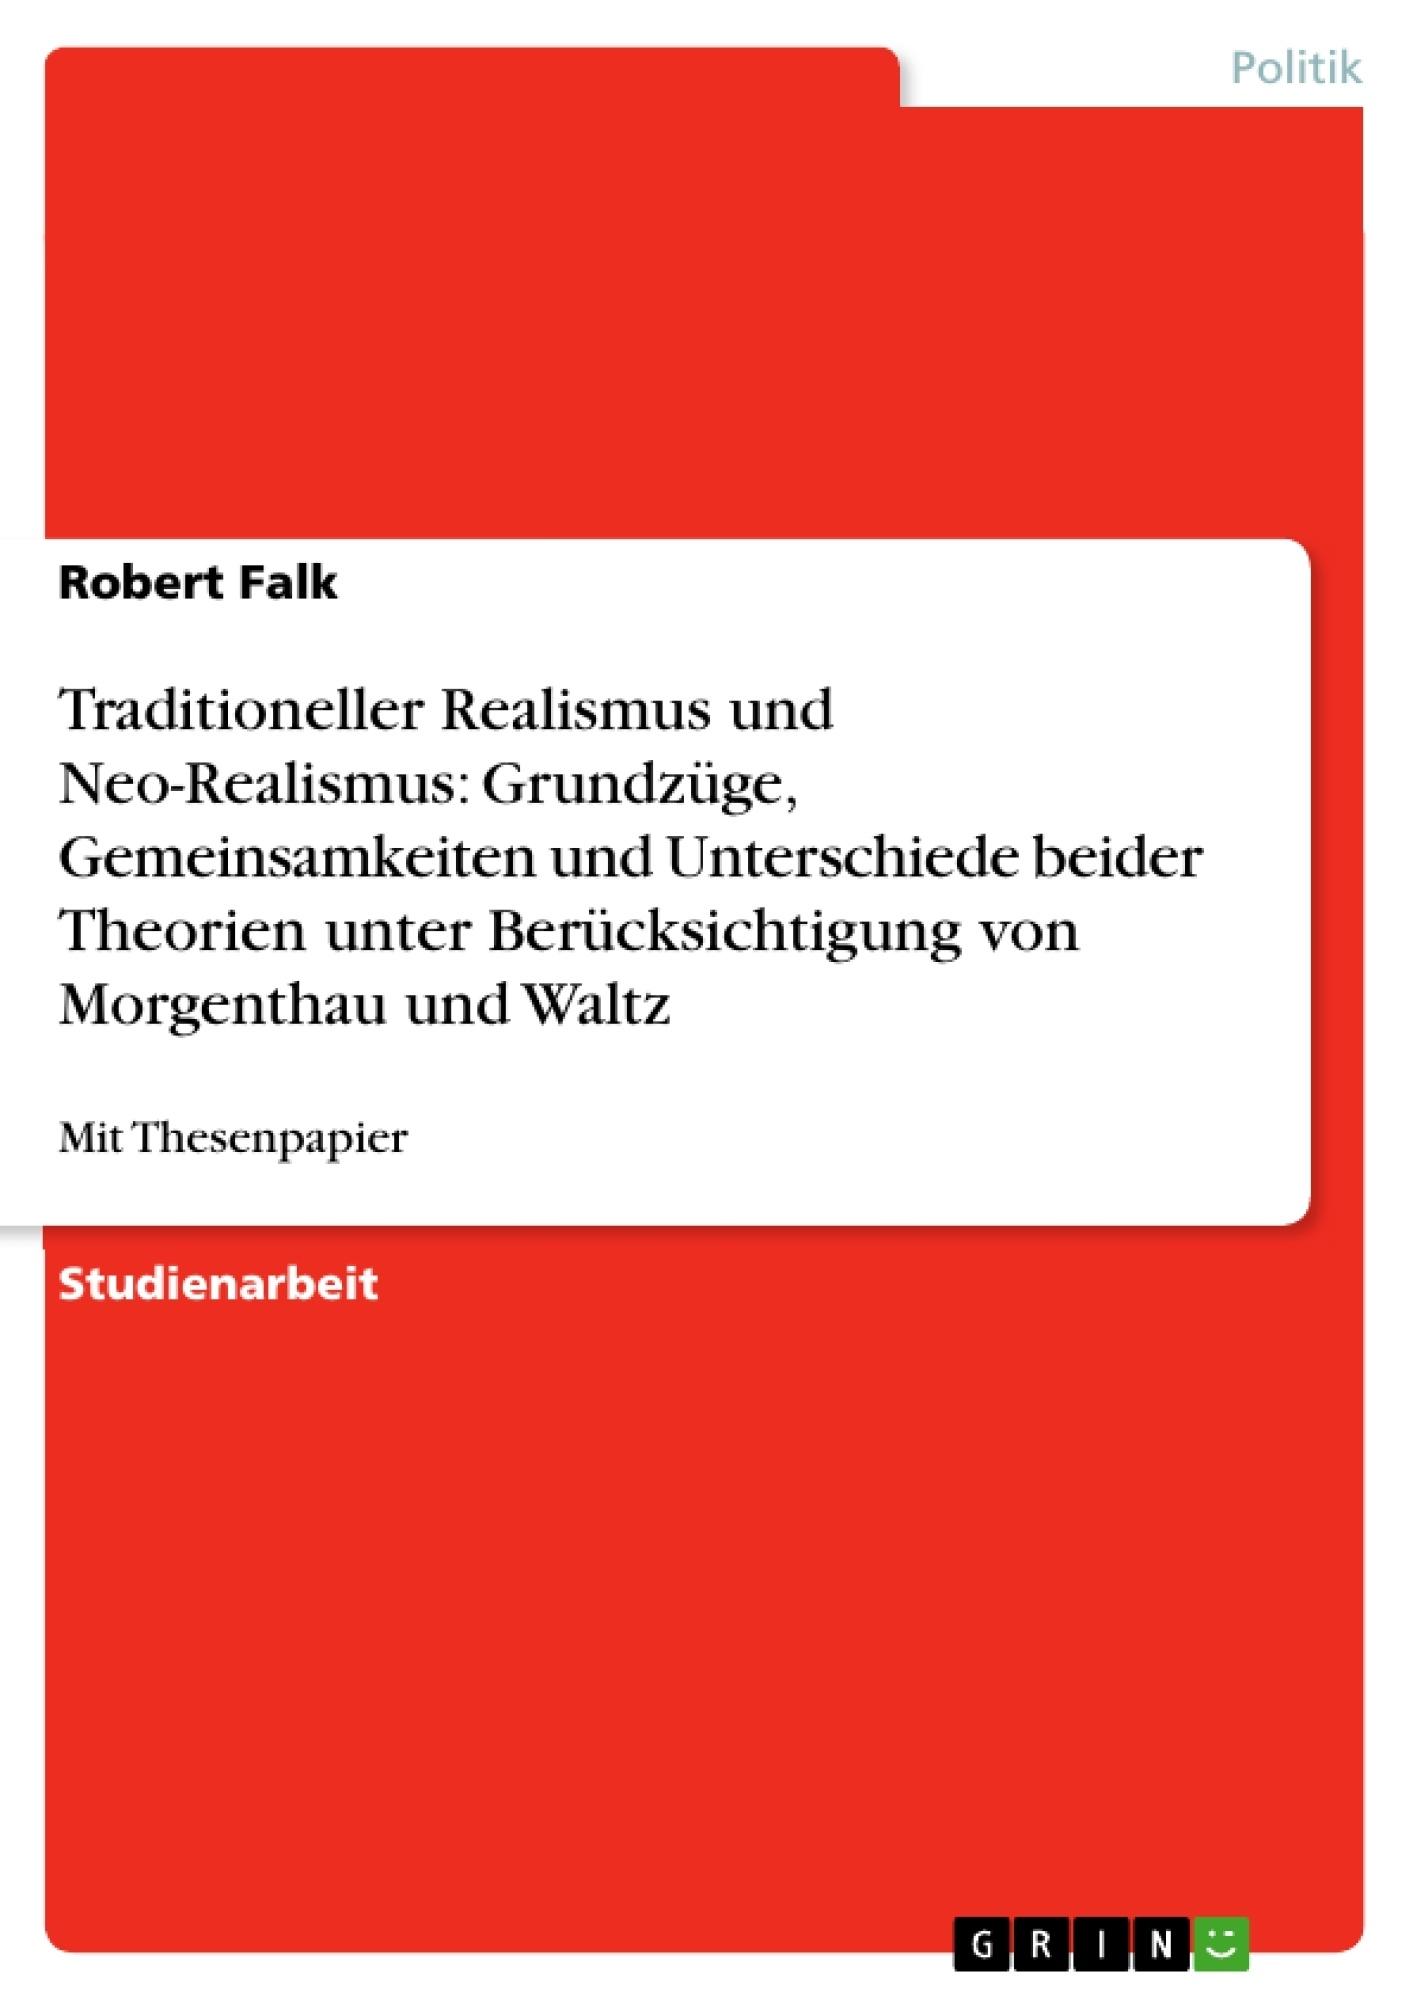 Titel: Traditioneller Realismus und Neo-Realismus: Grundzüge, Gemeinsamkeiten und Unterschiede beider Theorien unter Berücksichtigung von Morgenthau und Waltz